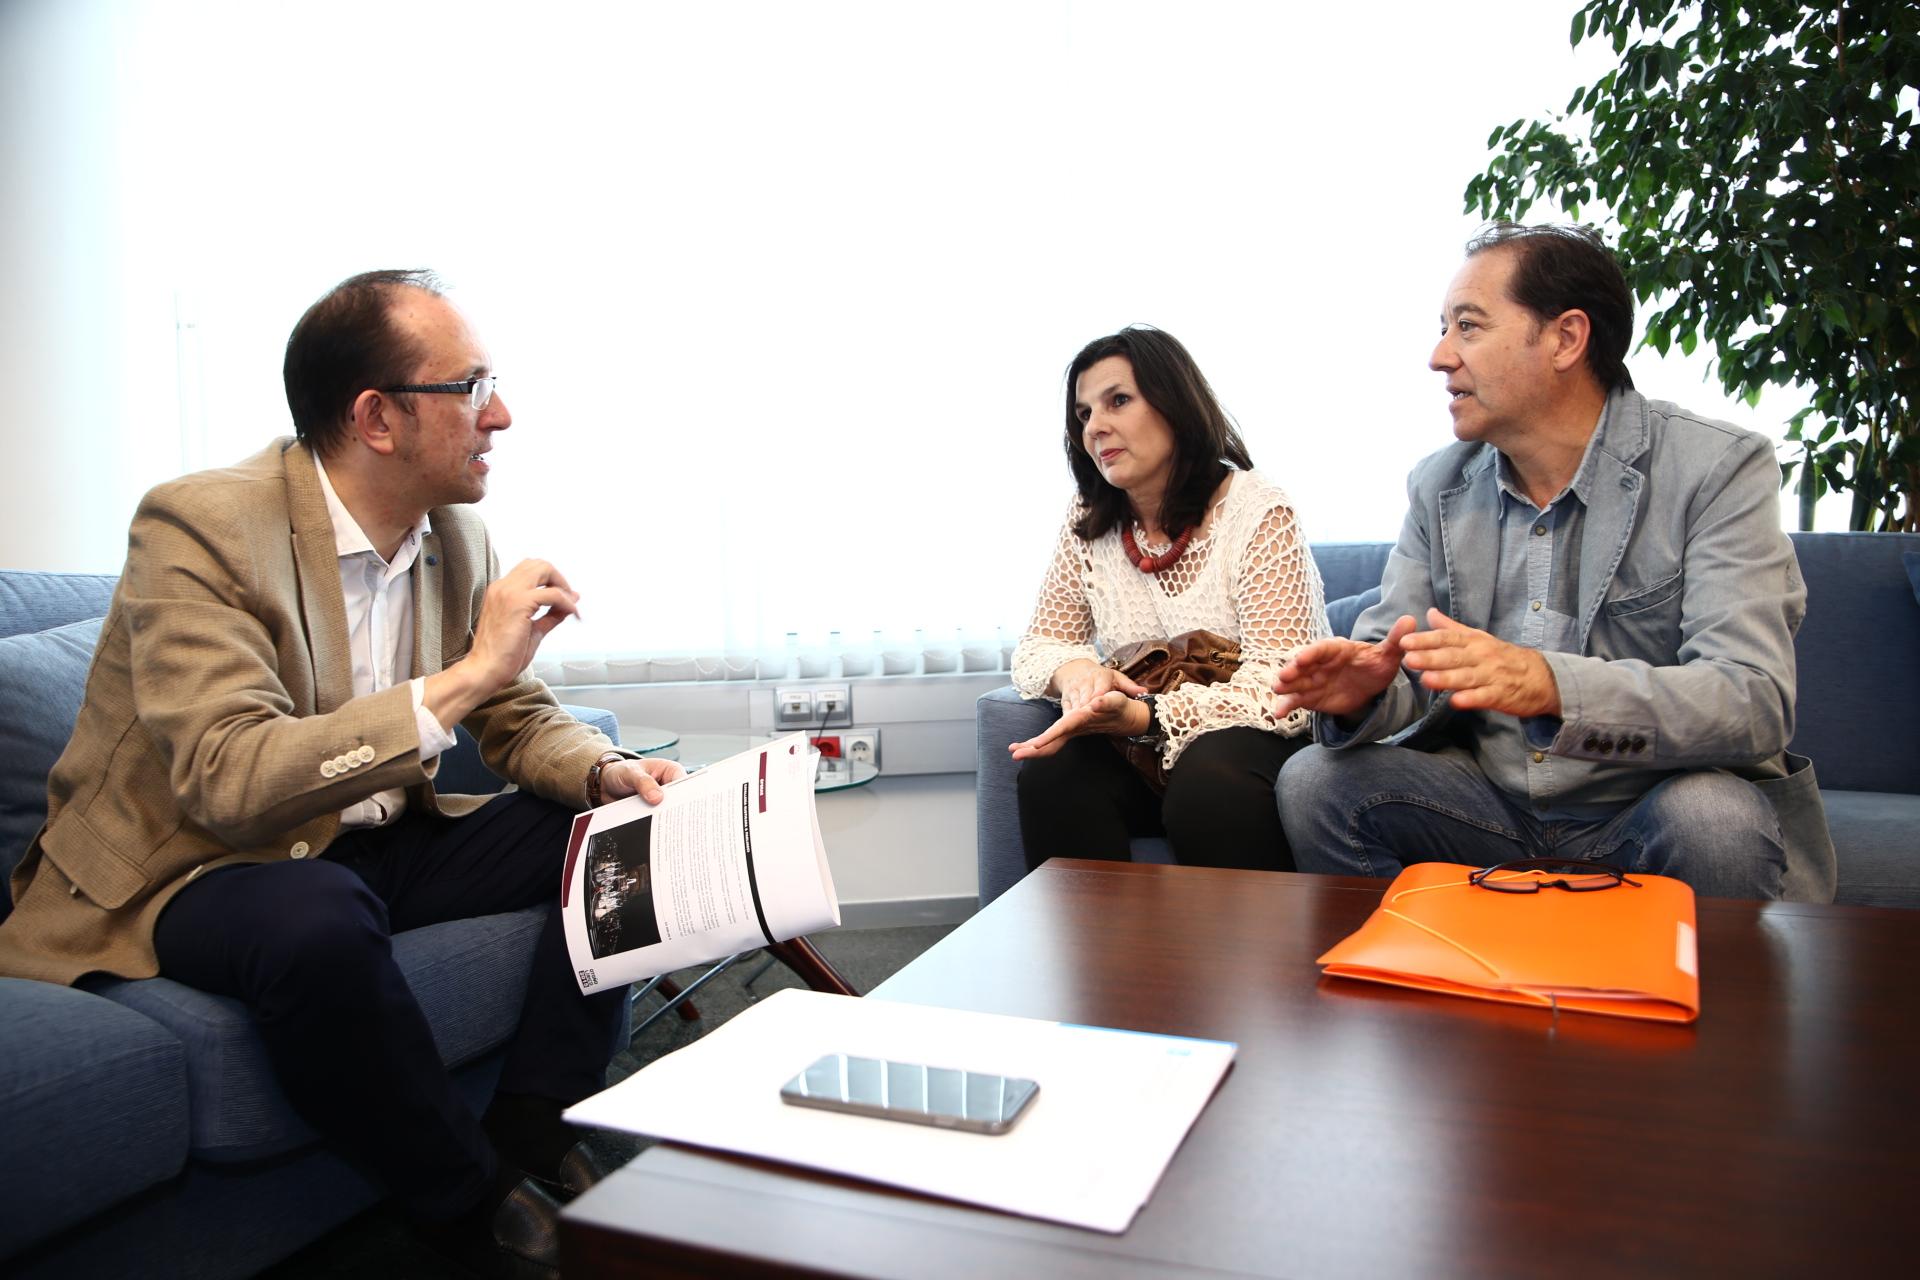 Secretaría-Xeral-Cultura-colabora-asociacións-amigos-ópera-Vigo-Santiago-difundir-xénero-lírico